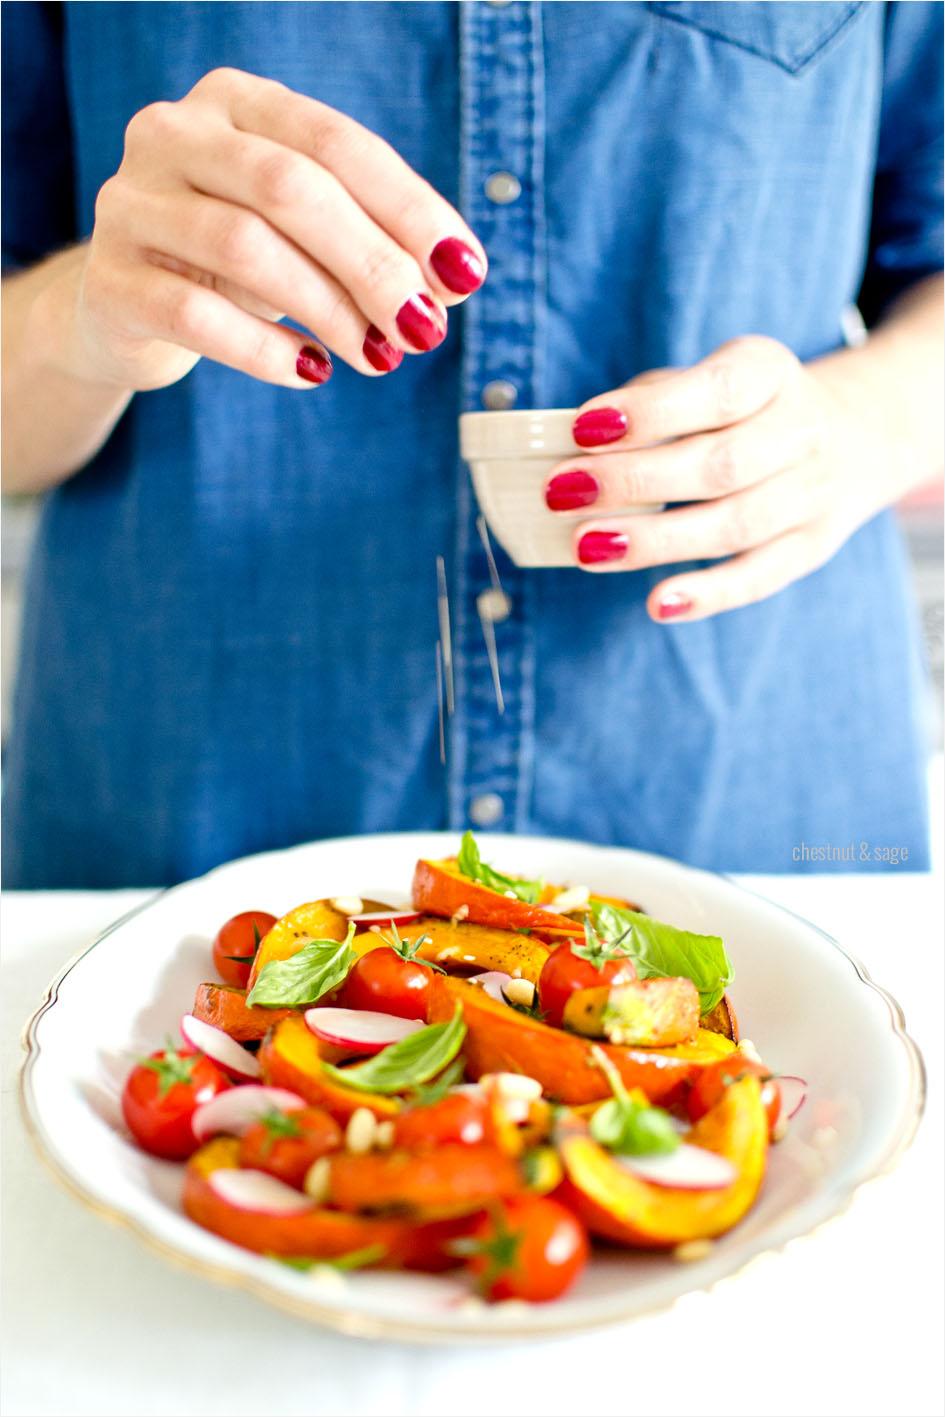 Kuerbis-Tomaten-Salat | chestnutandsage.de